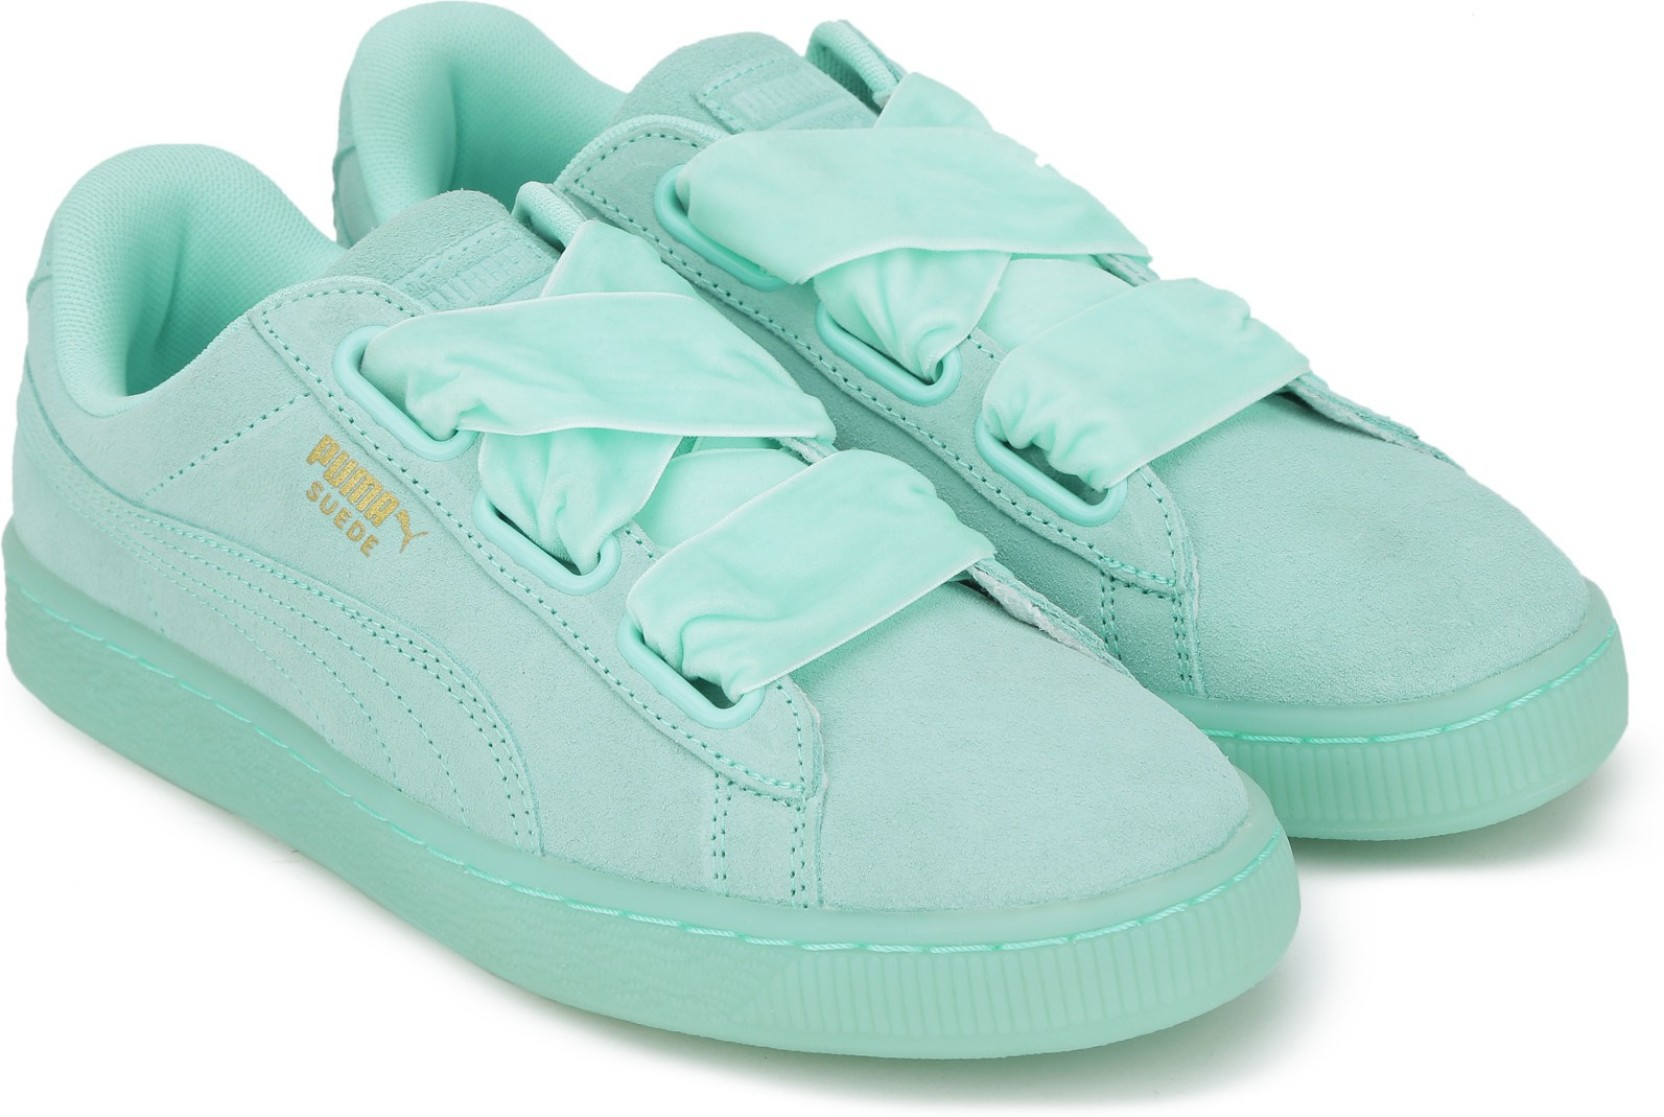 los angeles 1515a 90a49 Puma Suede Heart RESET Wn s sneaker For Women - Buy ARUBA ...